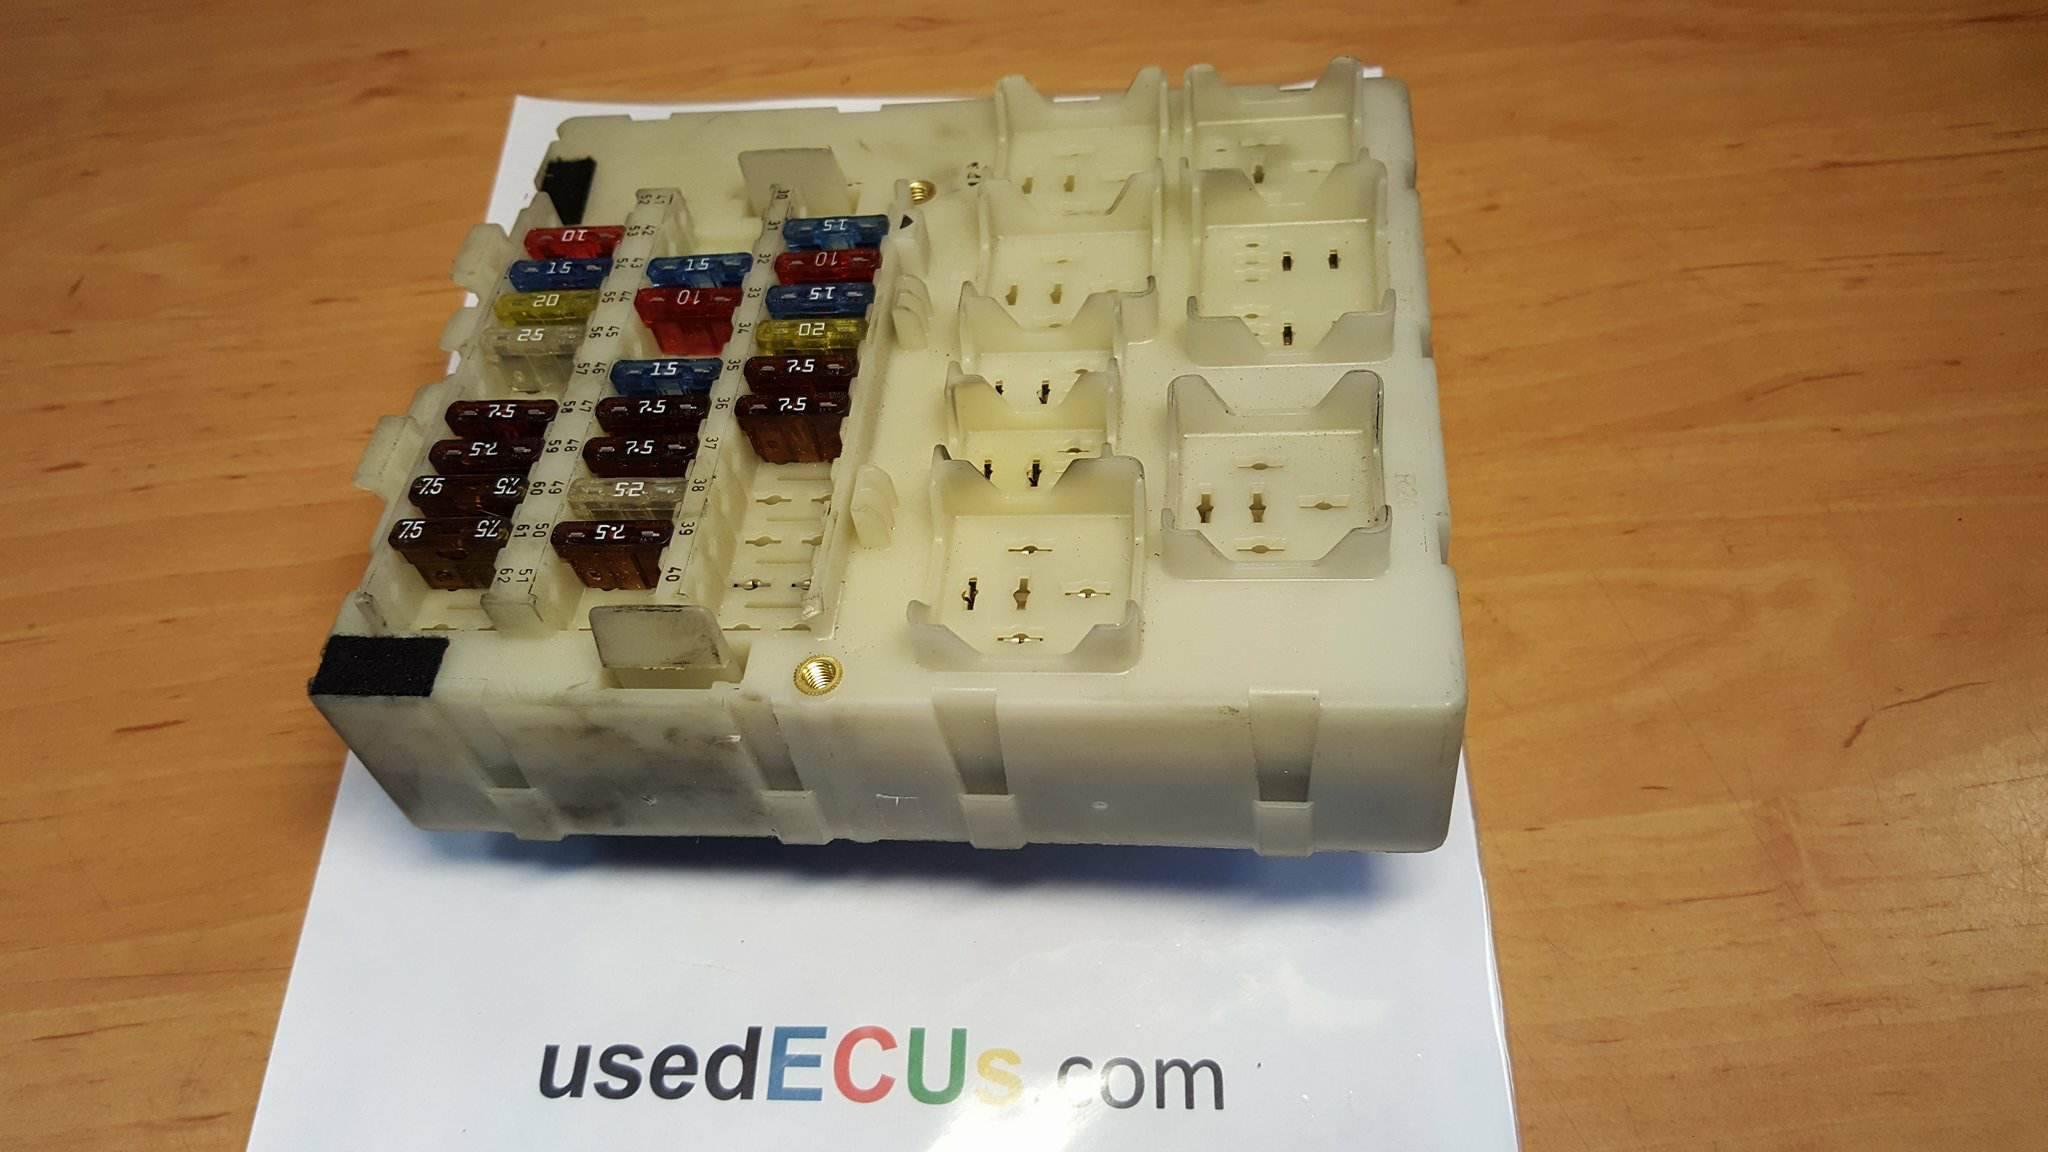 FORD FOCUS MK1, 1999, FUSE BOX, 518231808, 98AG14A073AG (Article:  518231808, 98AG14A073AG)